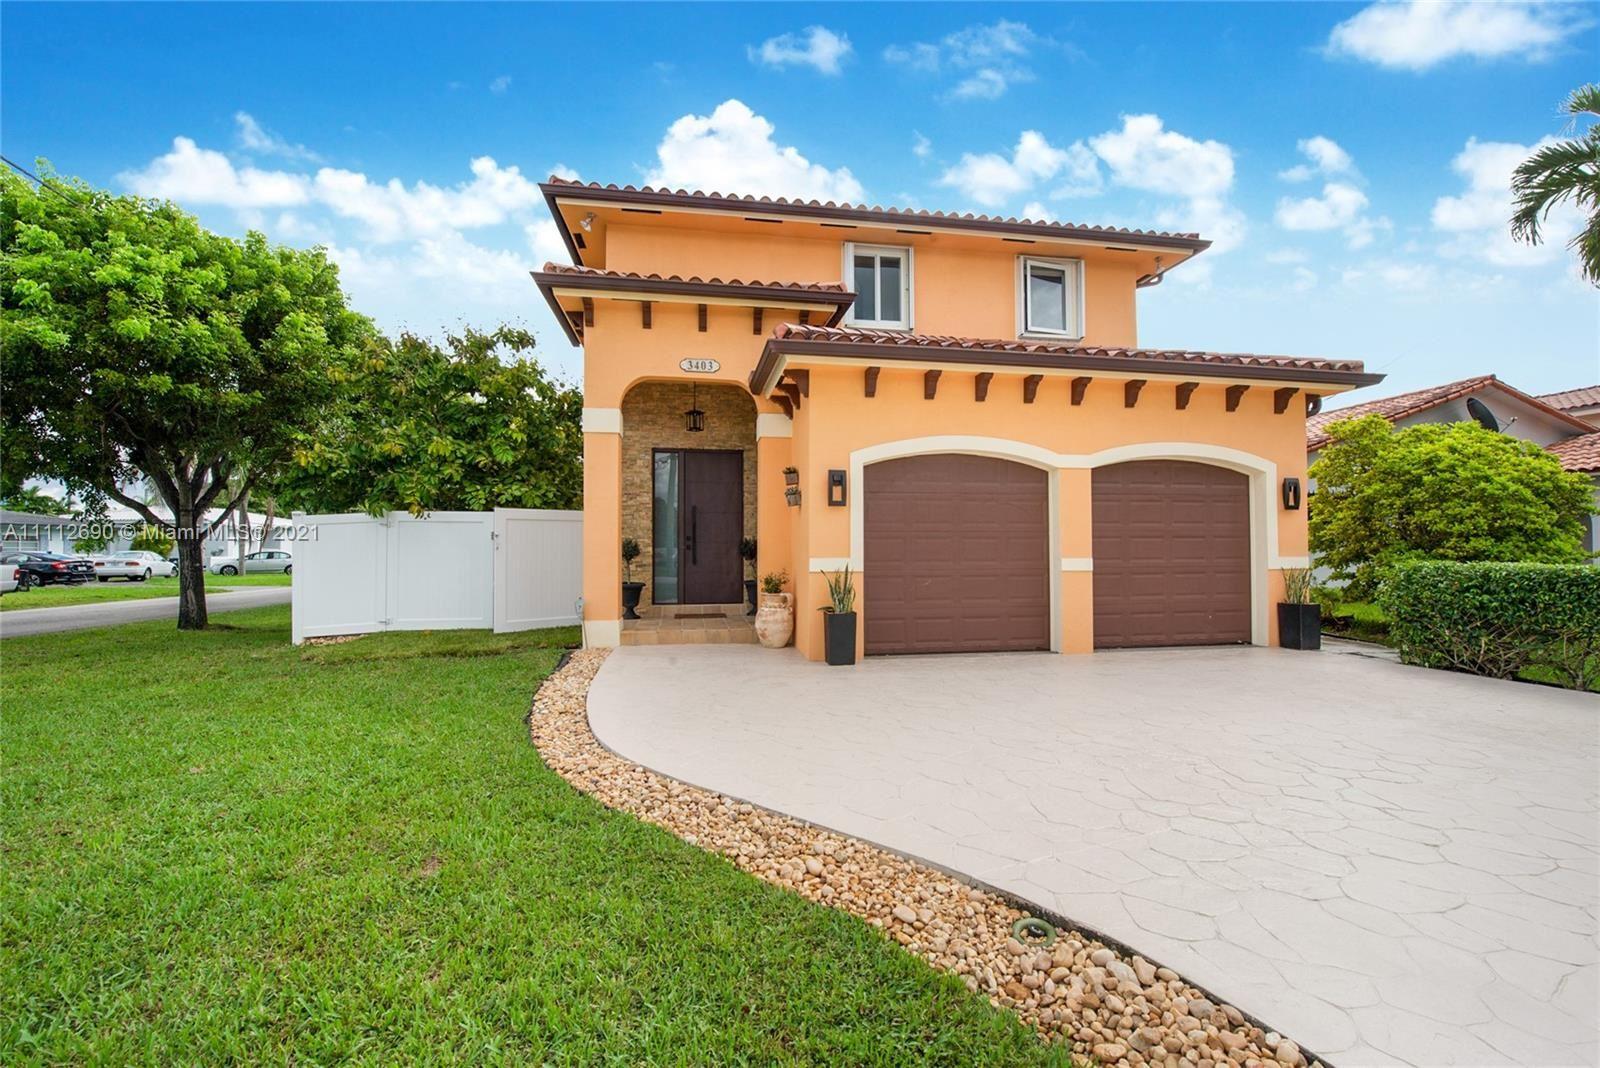 3403 SW 63rd Ave, Miami, FL 33155 - #: A11112690